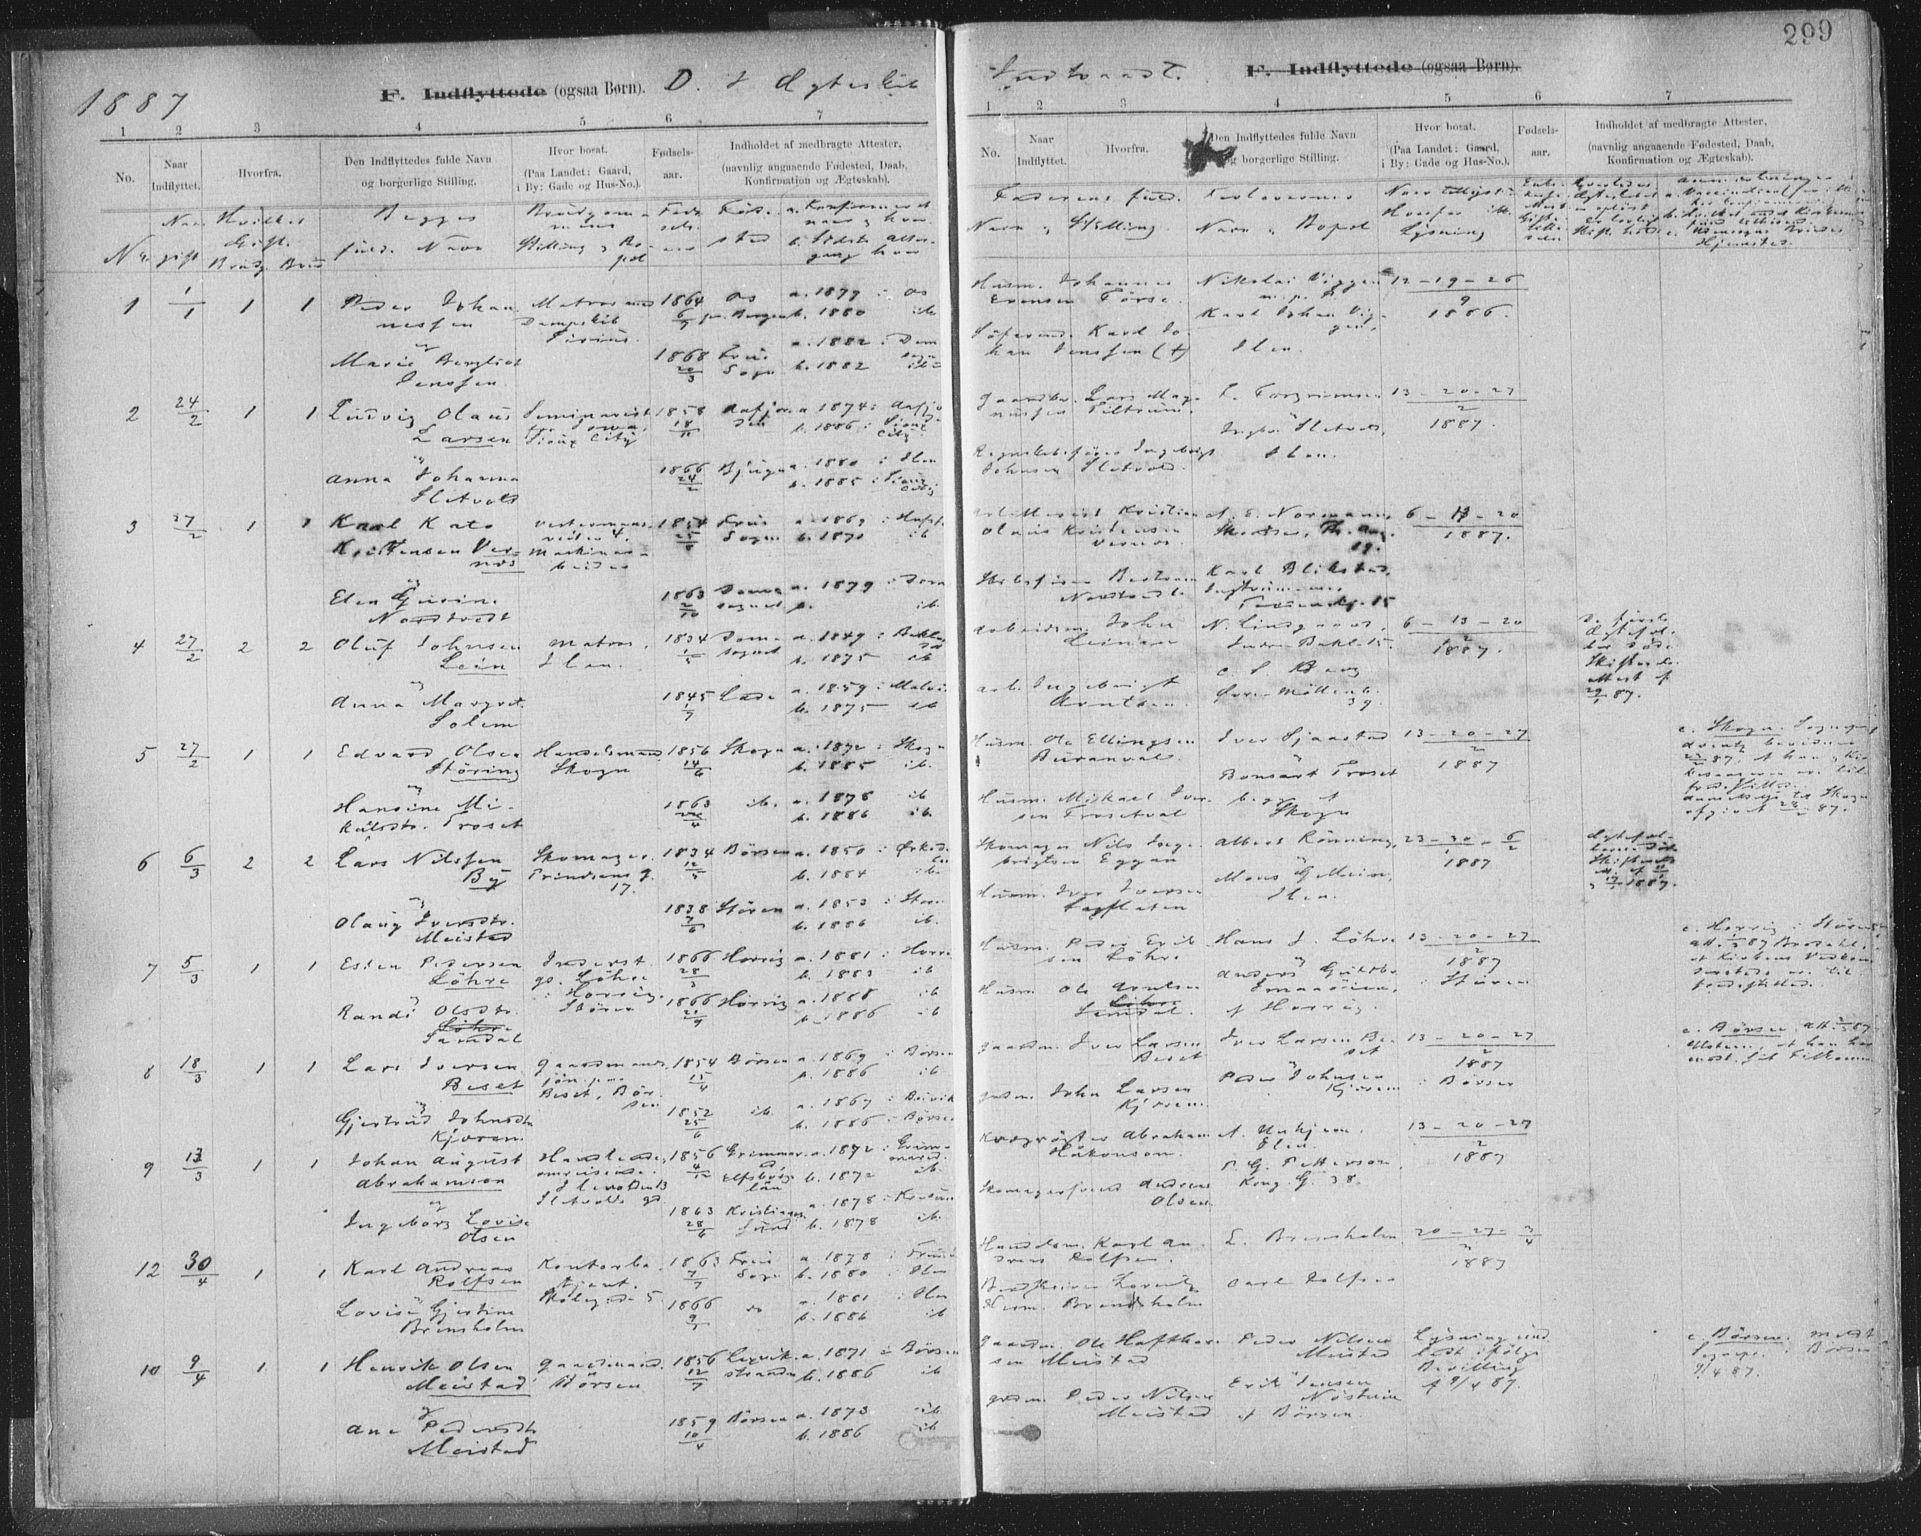 SAT, Ministerialprotokoller, klokkerbøker og fødselsregistre - Sør-Trøndelag, 603/L0163: Ministerialbok nr. 603A02, 1879-1895, s. 299